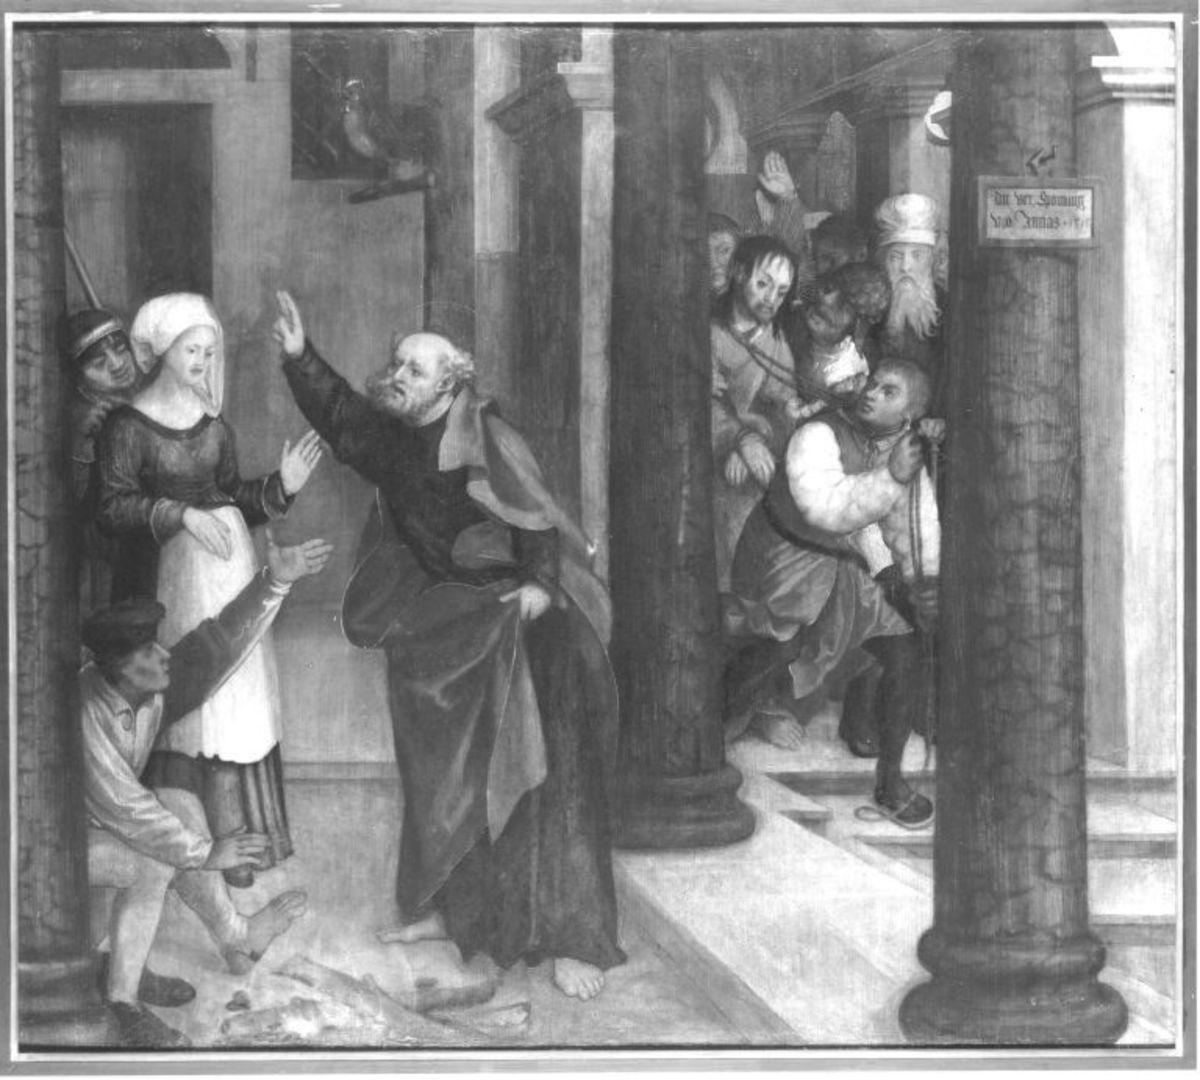 Erster Wettenhauser Altar: Verleugnung Petri und Verspottung Christi Rückseite: nicht erhalten